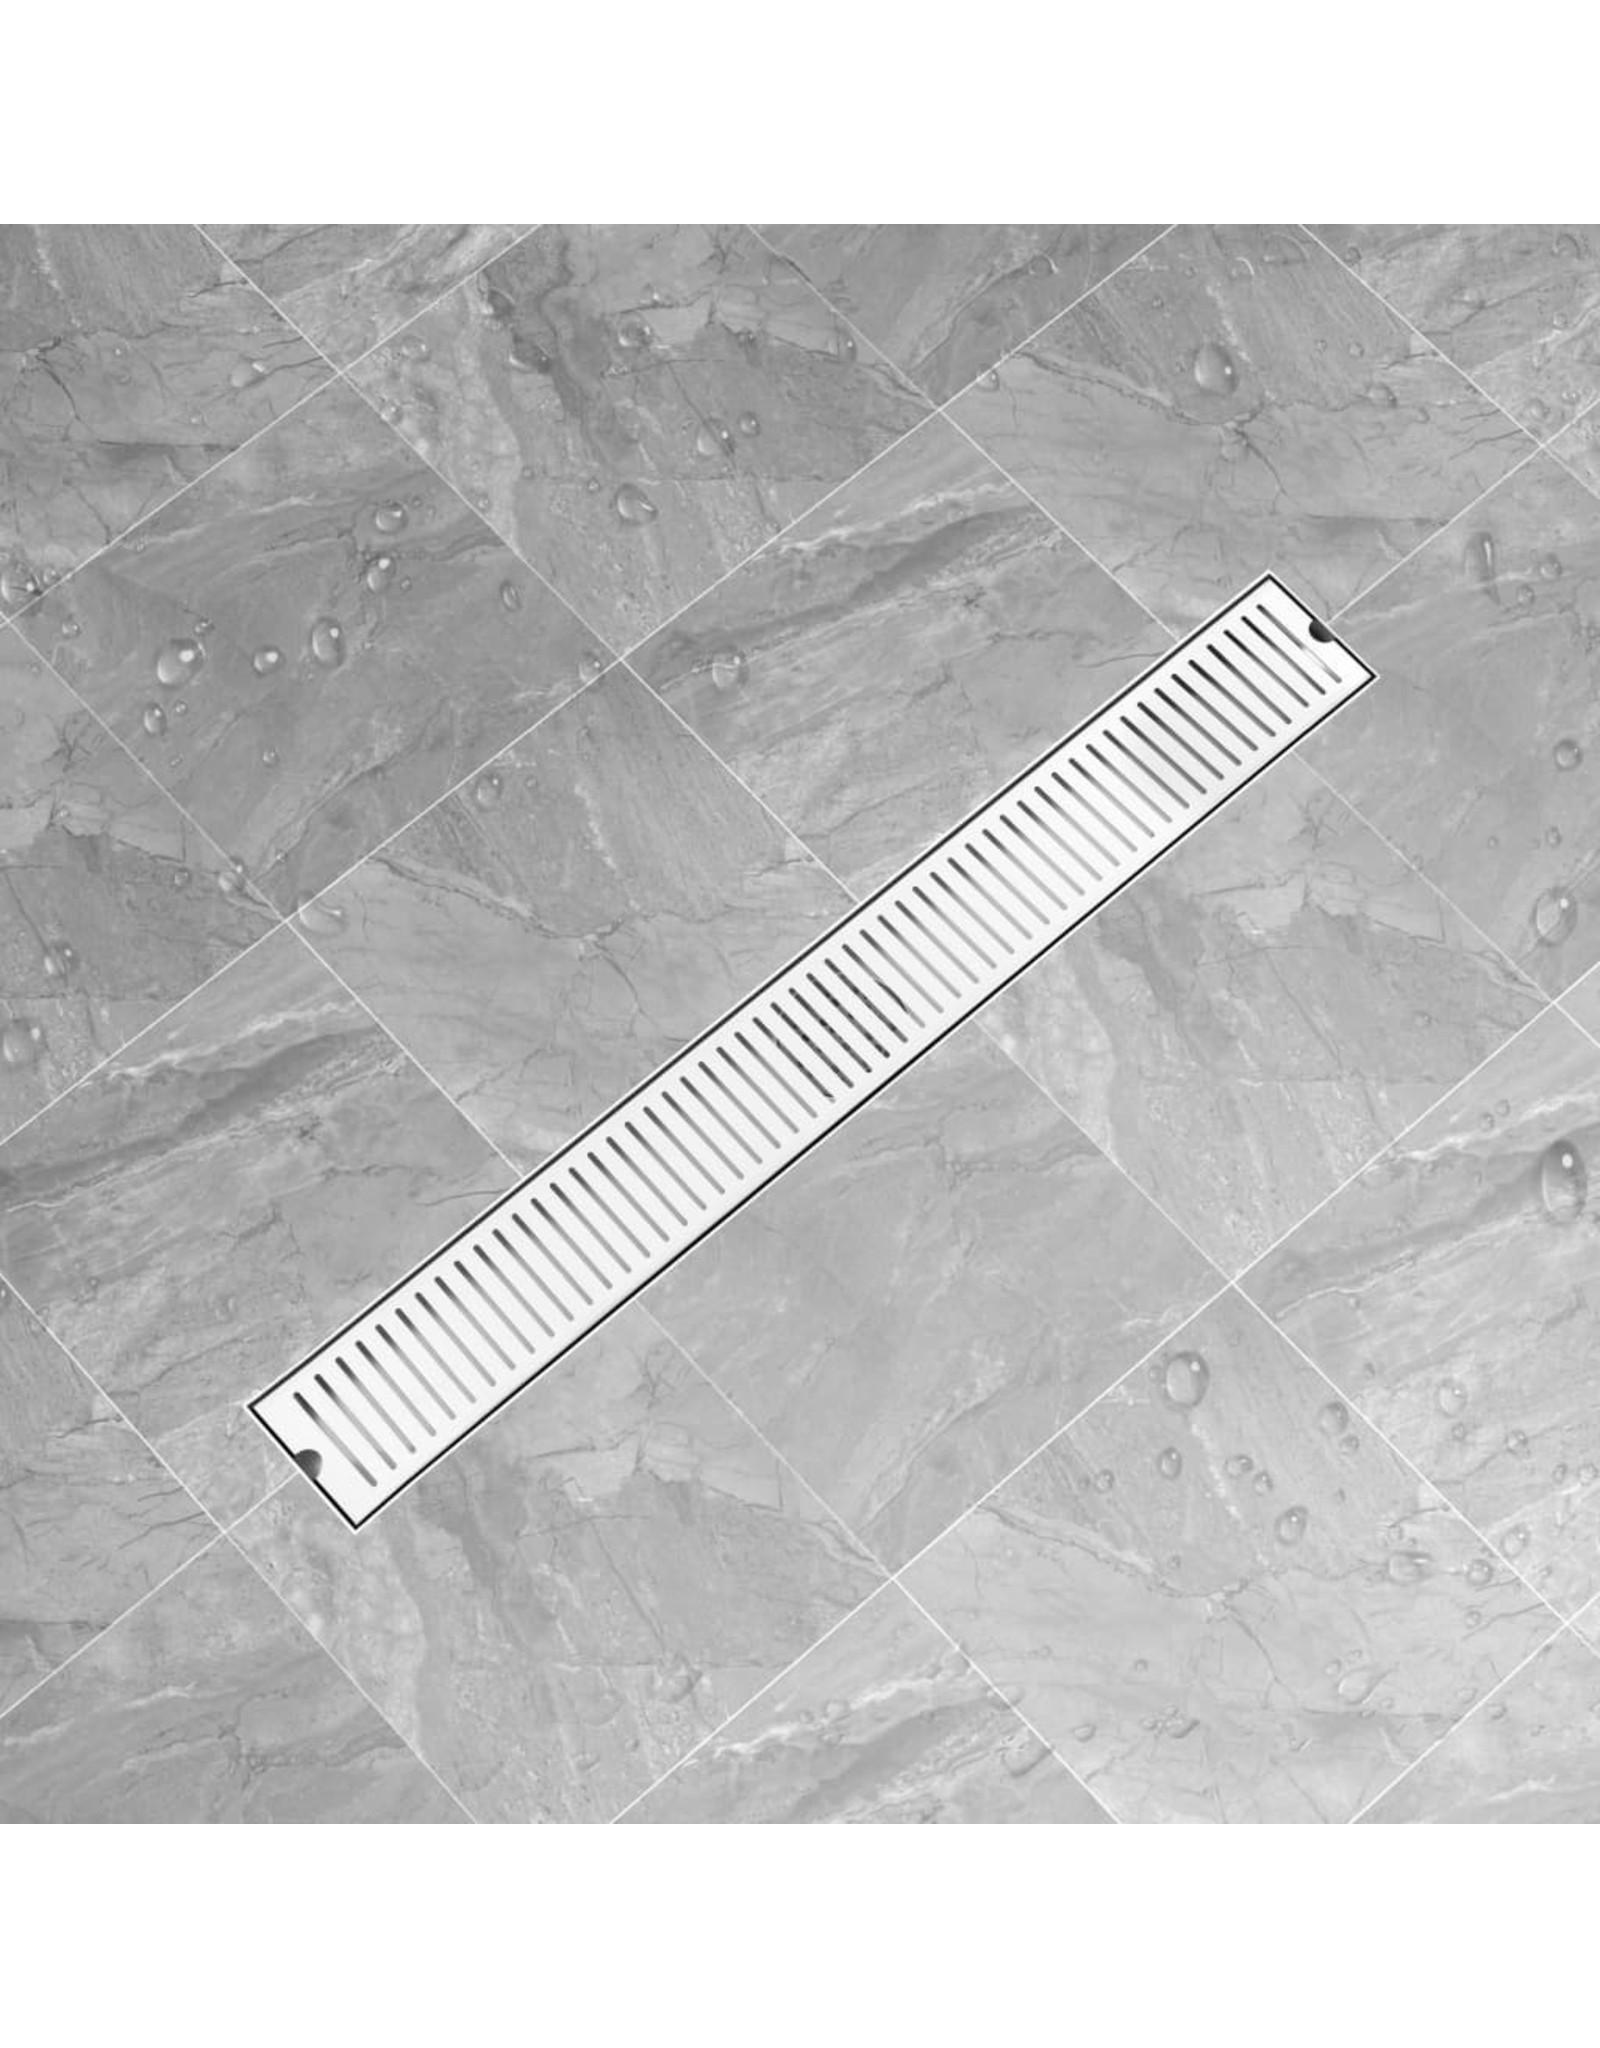 Doucheafvoer gesleufd 93x14 cm roestvrij staal